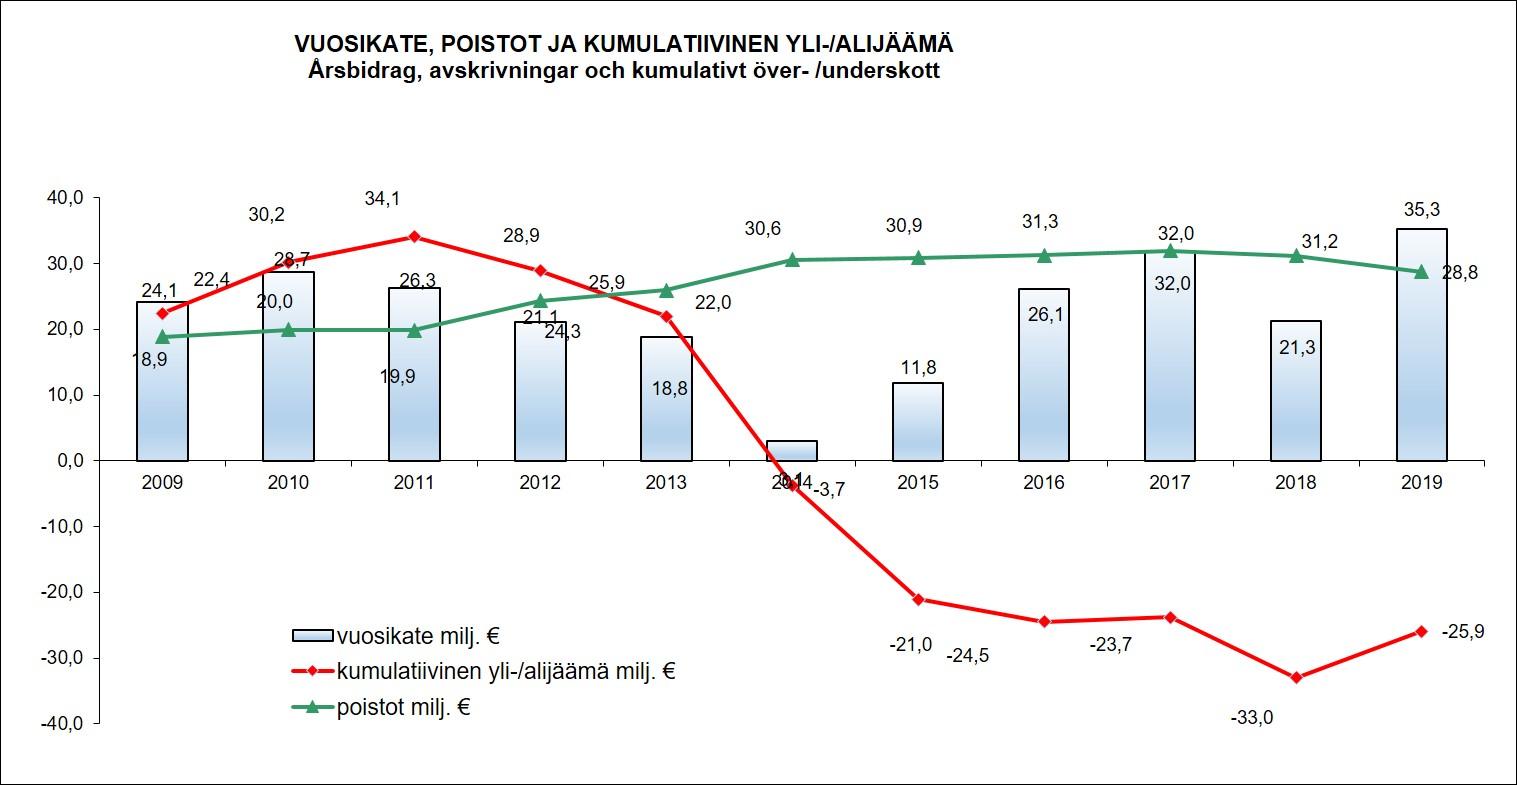 Vuosikate_poistot_kumalatiivinen jäämä_tilinpäätös 2019 Vaasa